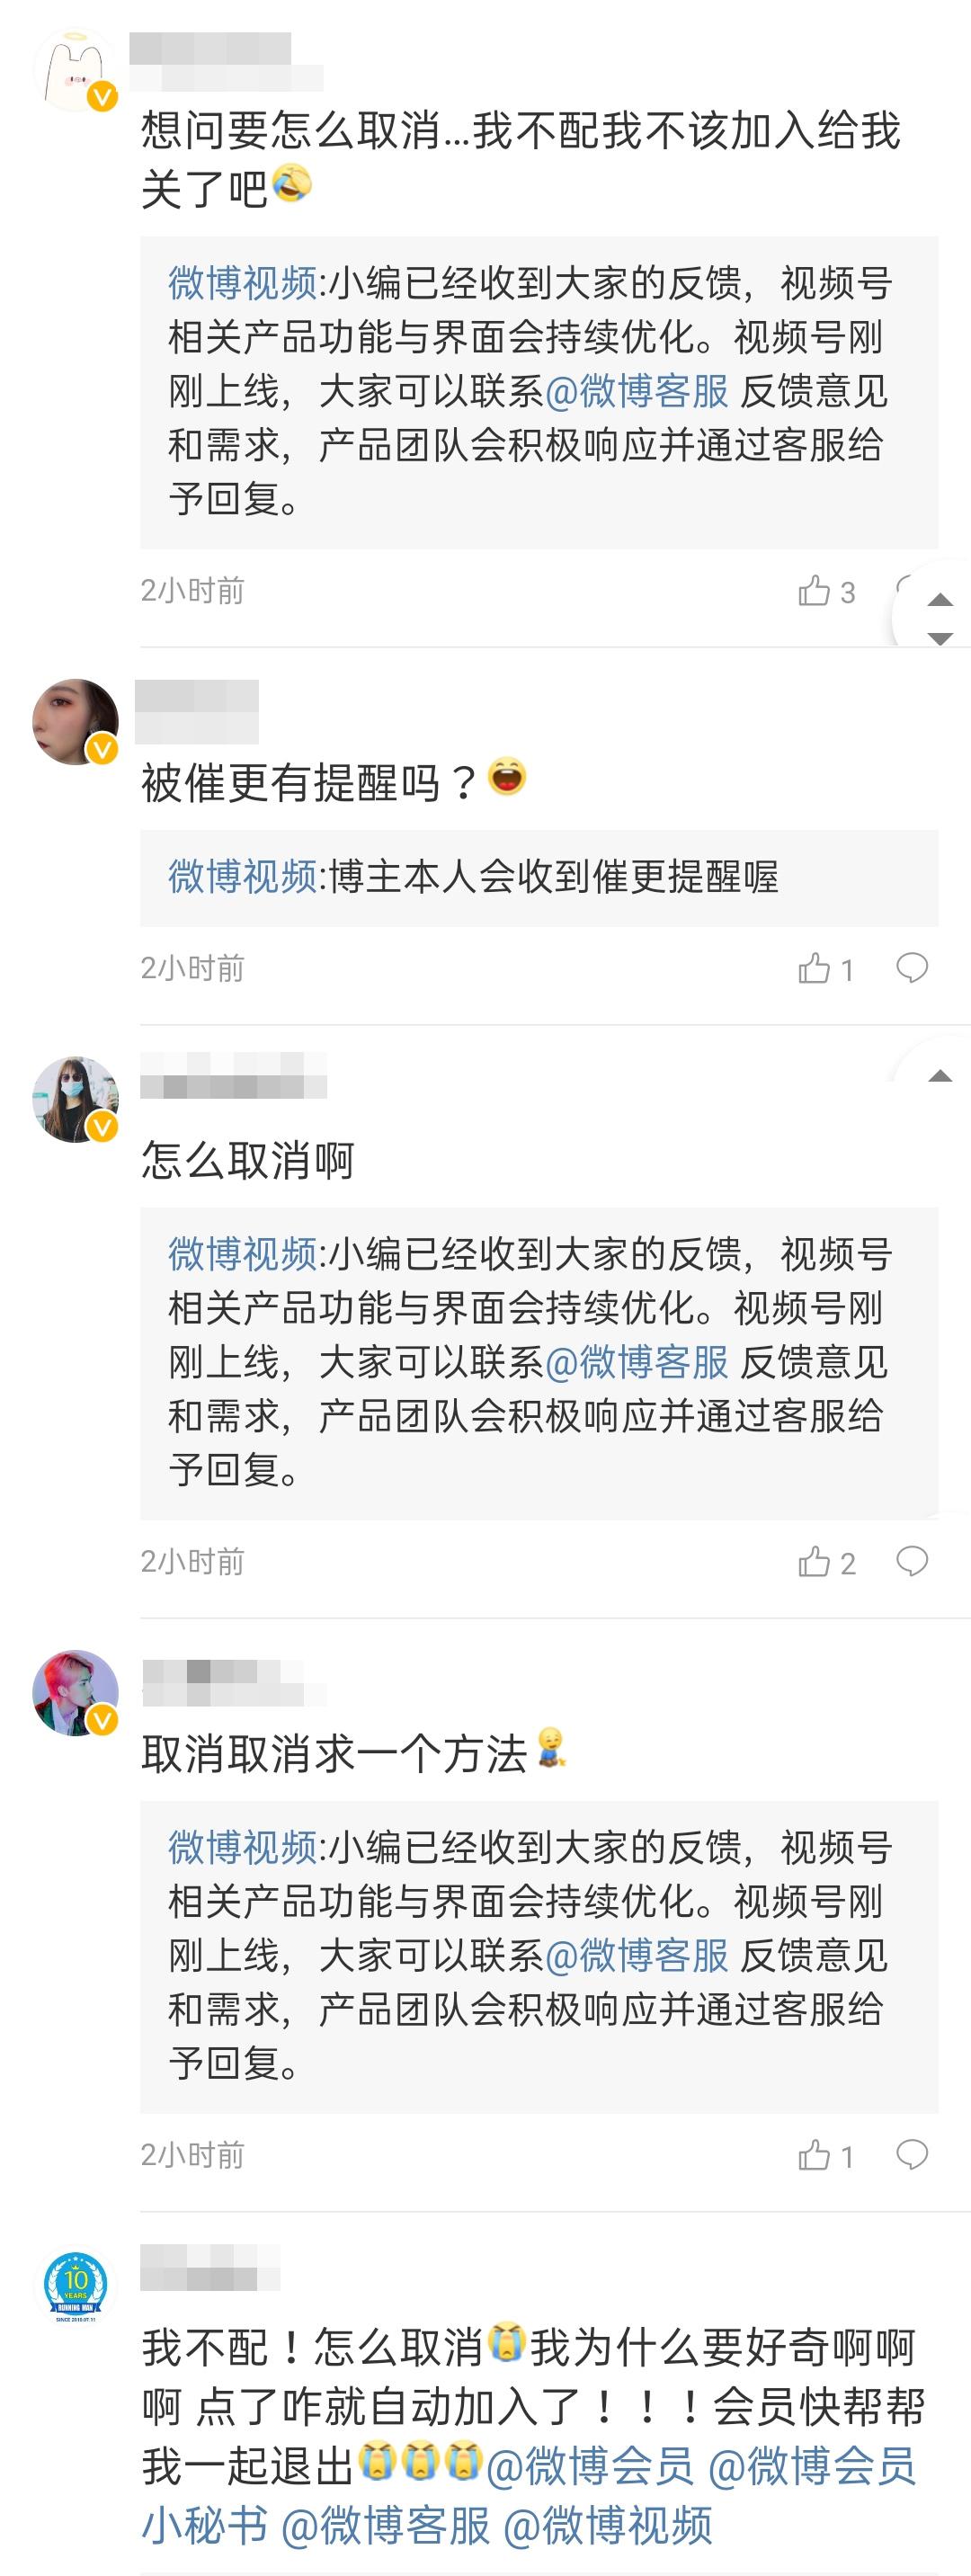 微博视频号计划公布后评论翻车:网友集体问怎